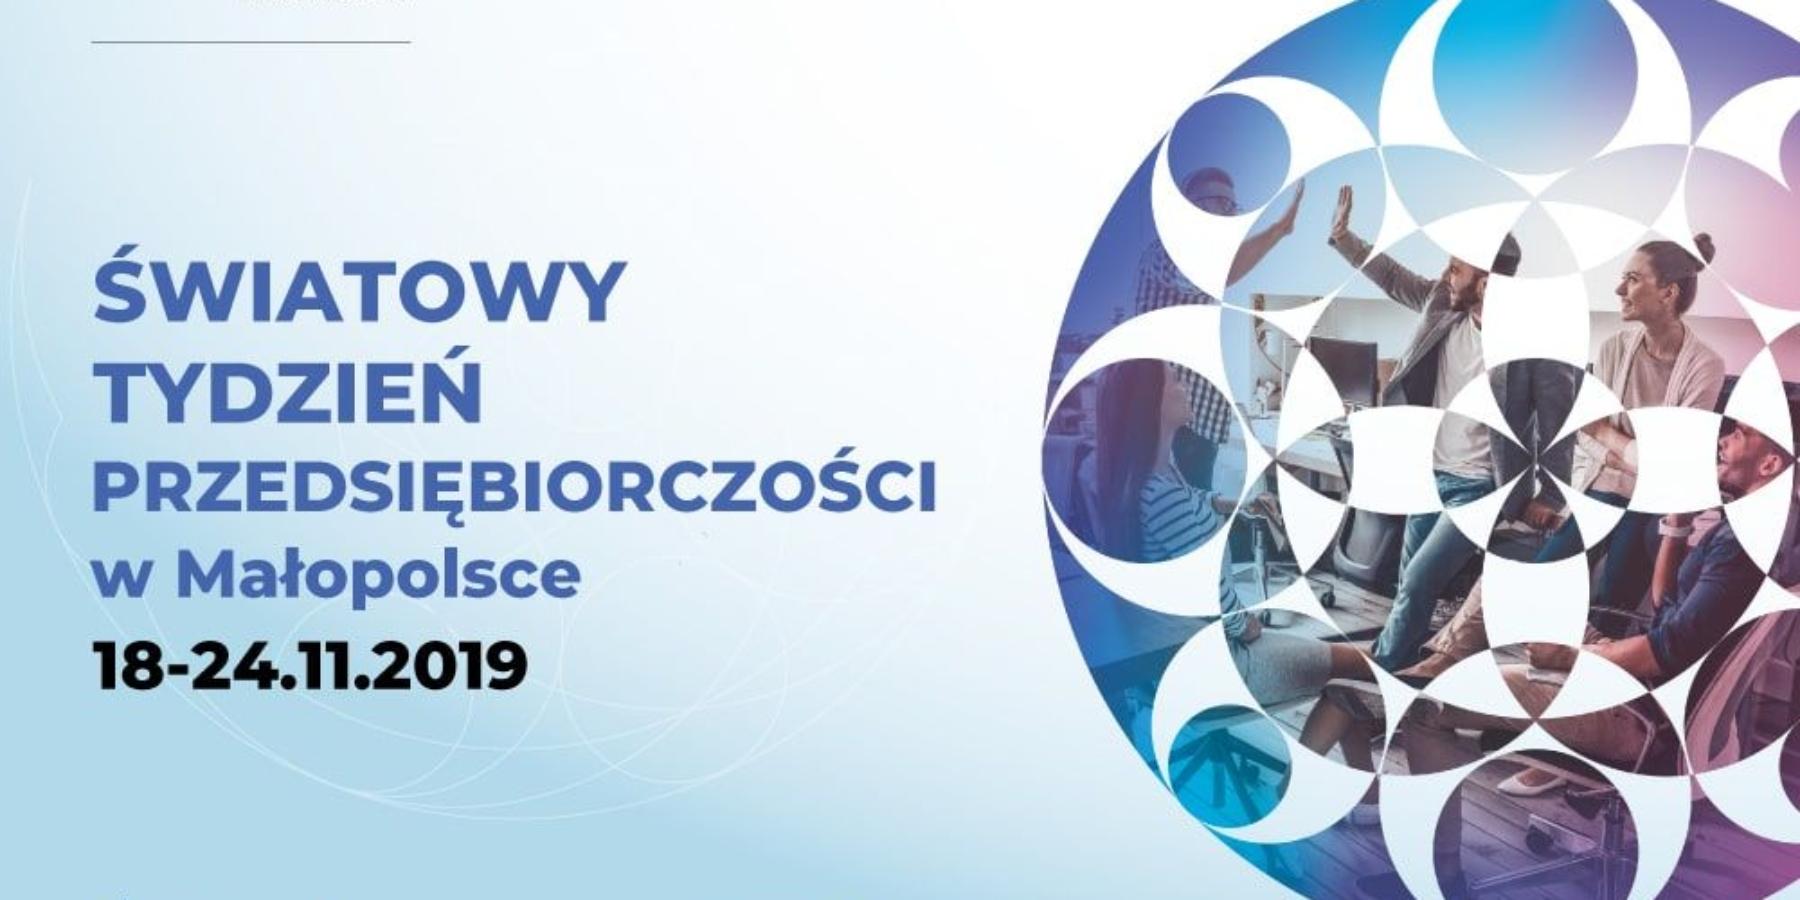 Światowy Tydzień Przedsiębiorczości wMałopolsce